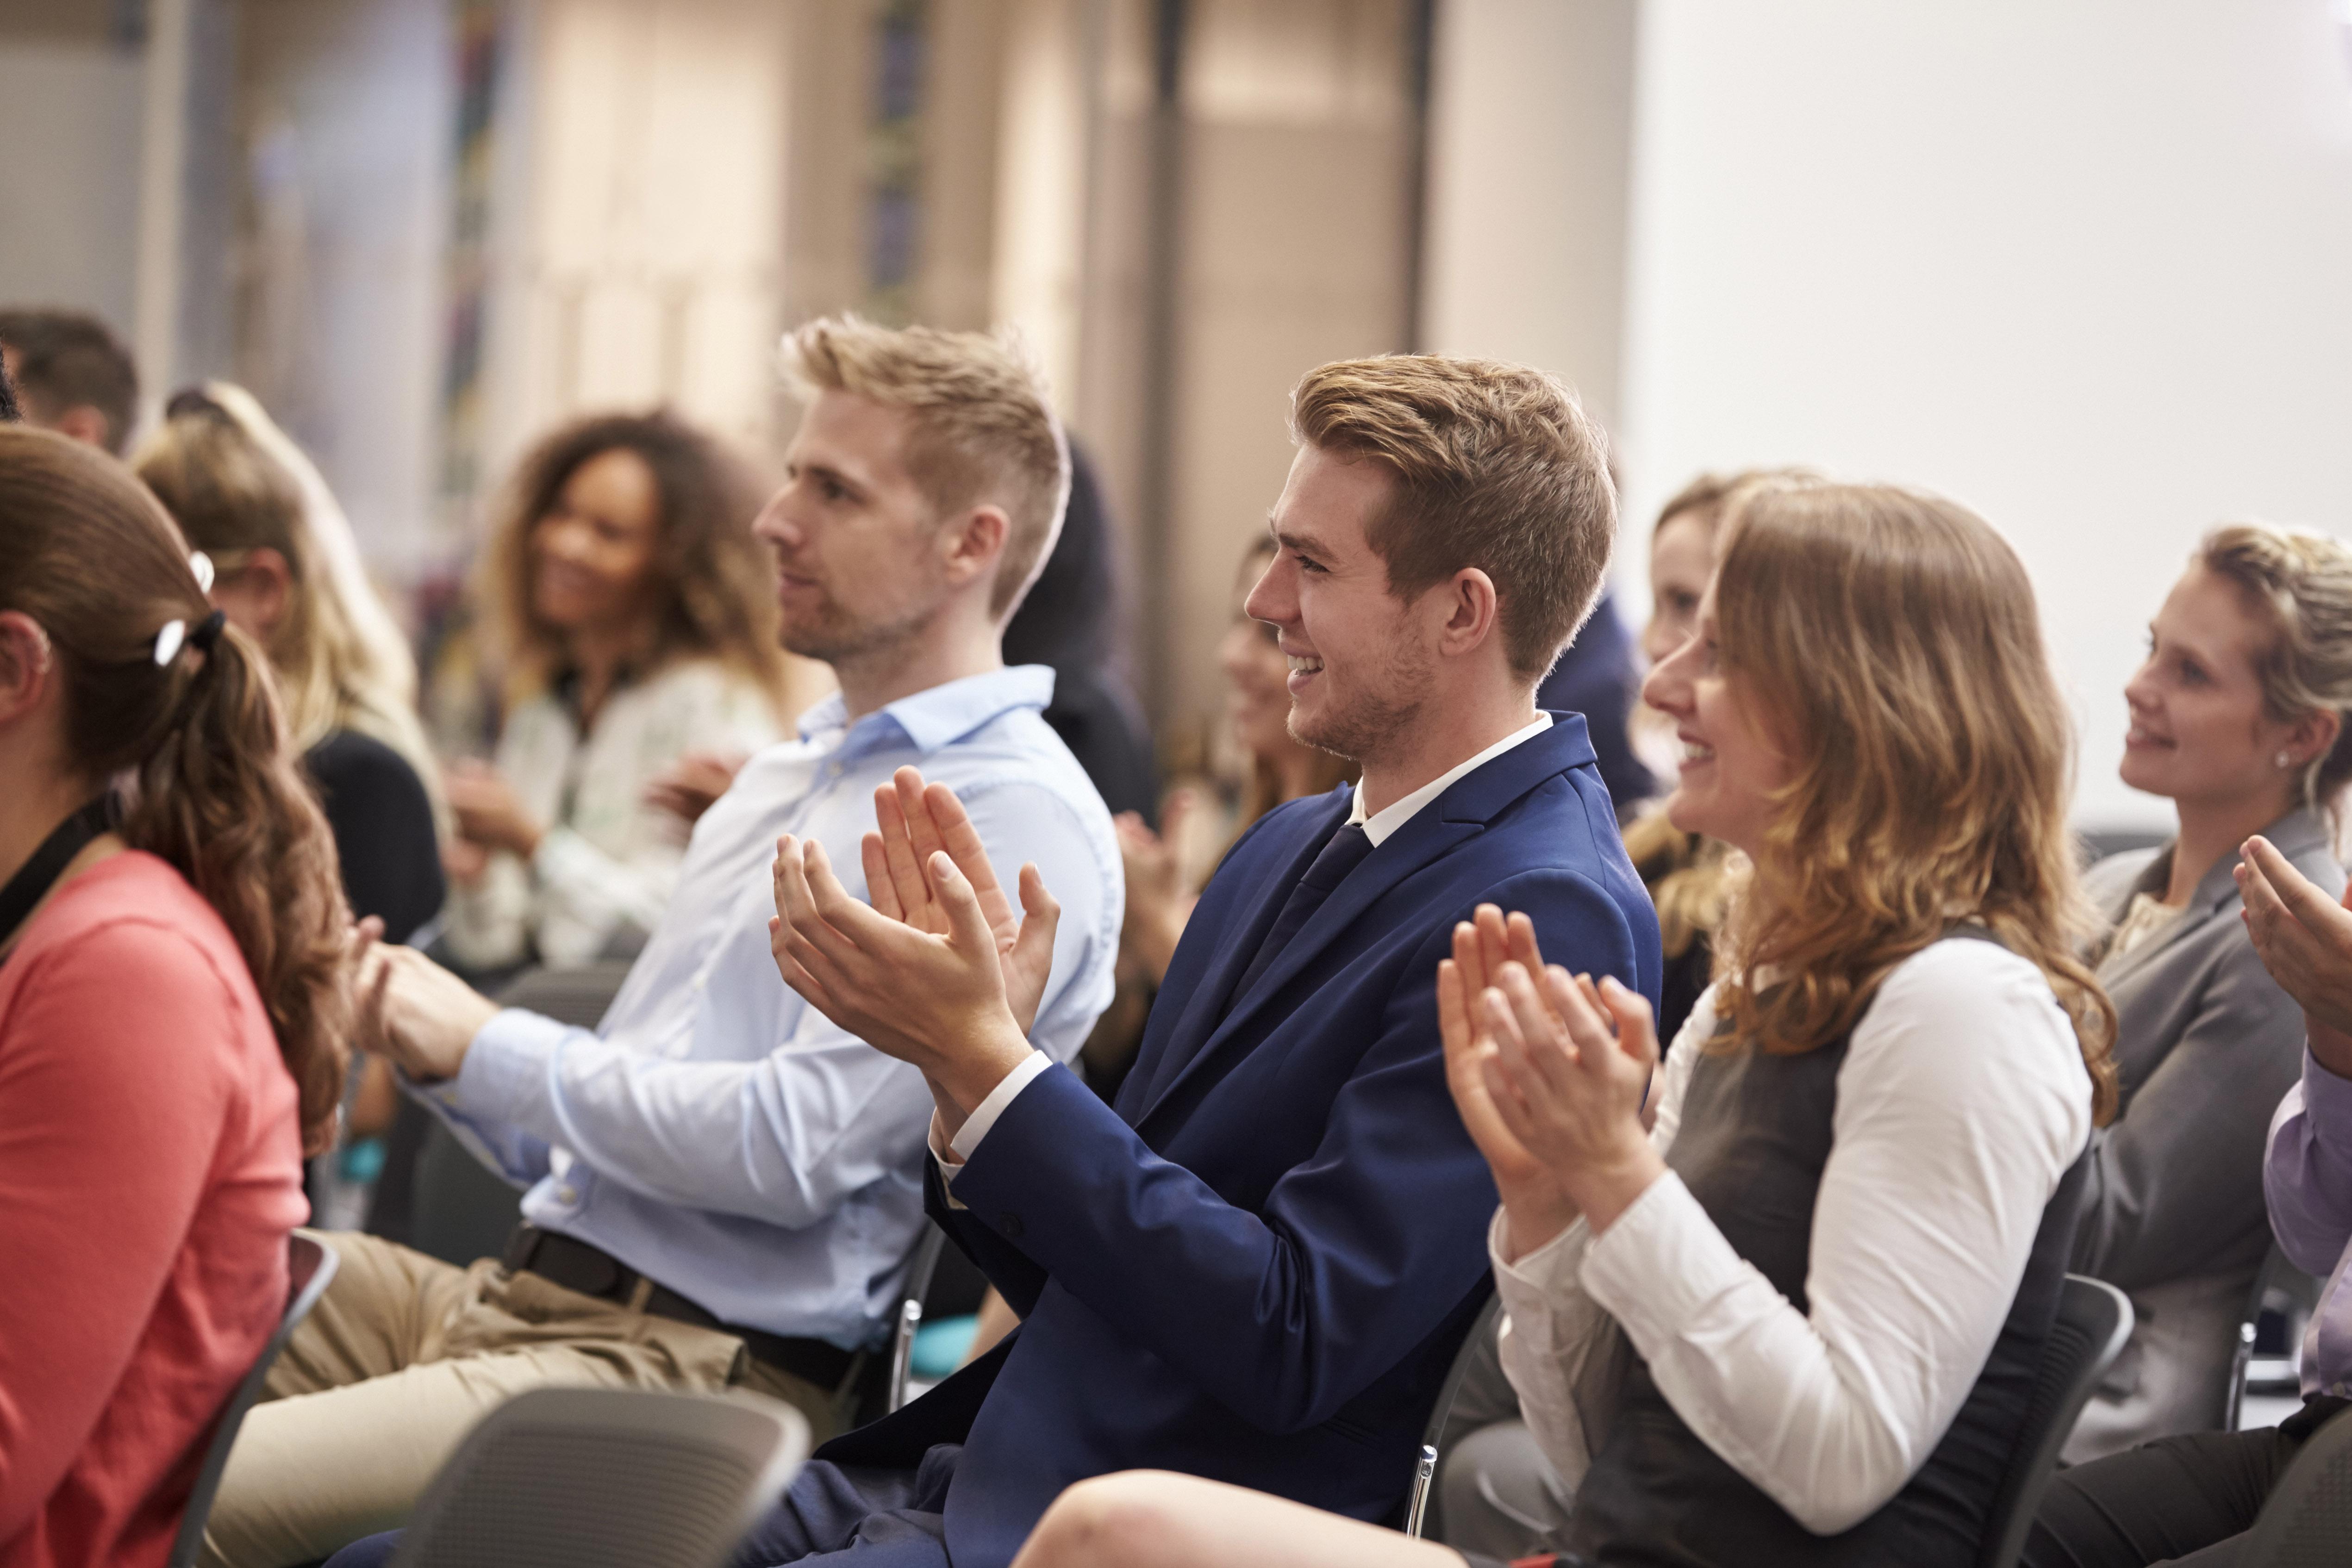 Konference: Prevence syndromu vyhoření vzaměstnání